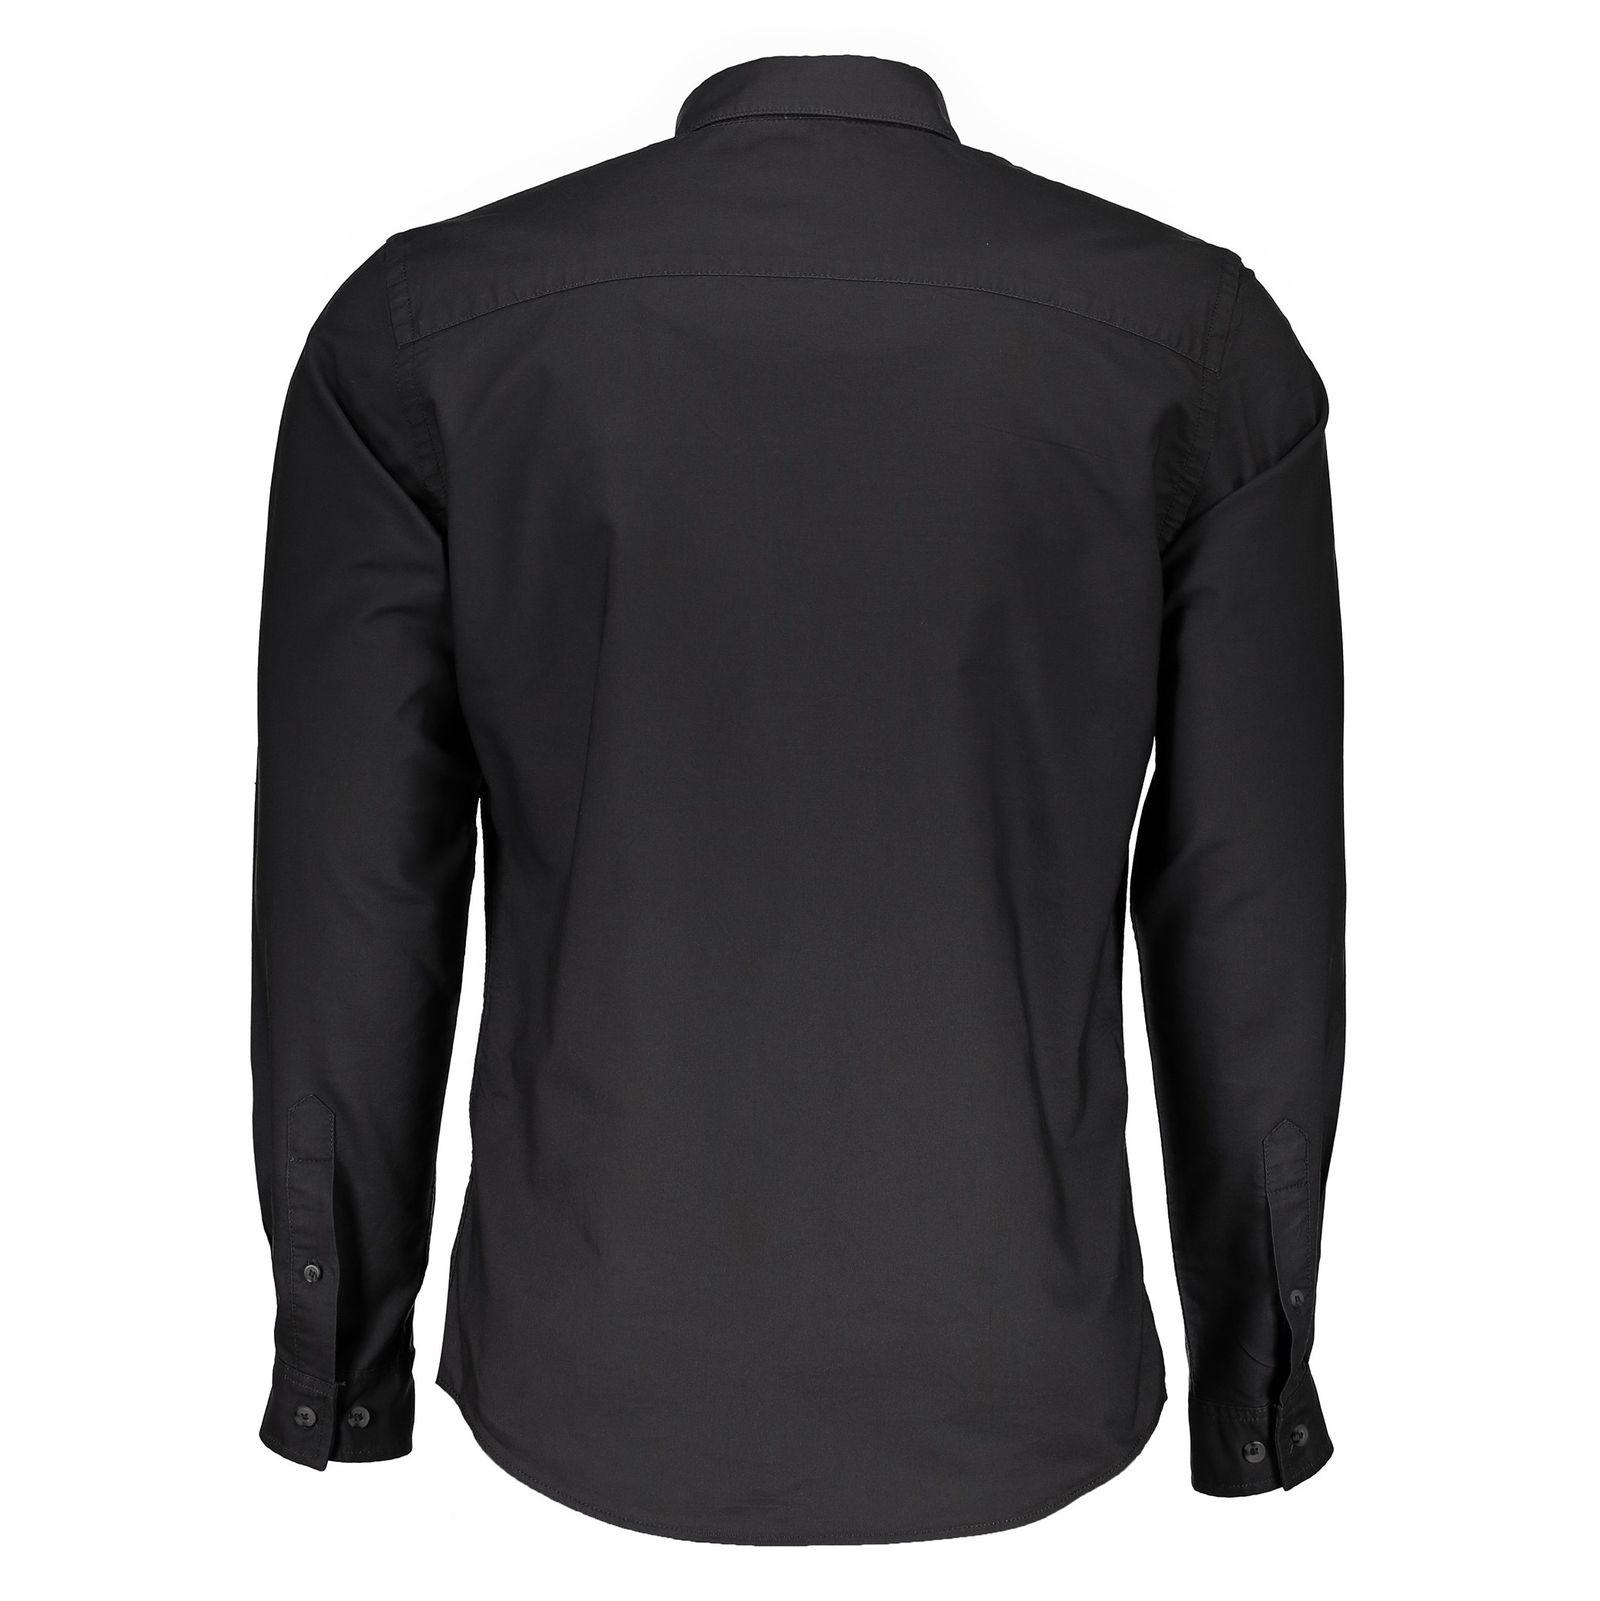 پیراهن نخی آستین بلند مردانه - جک اند جونز - زغالي - 2